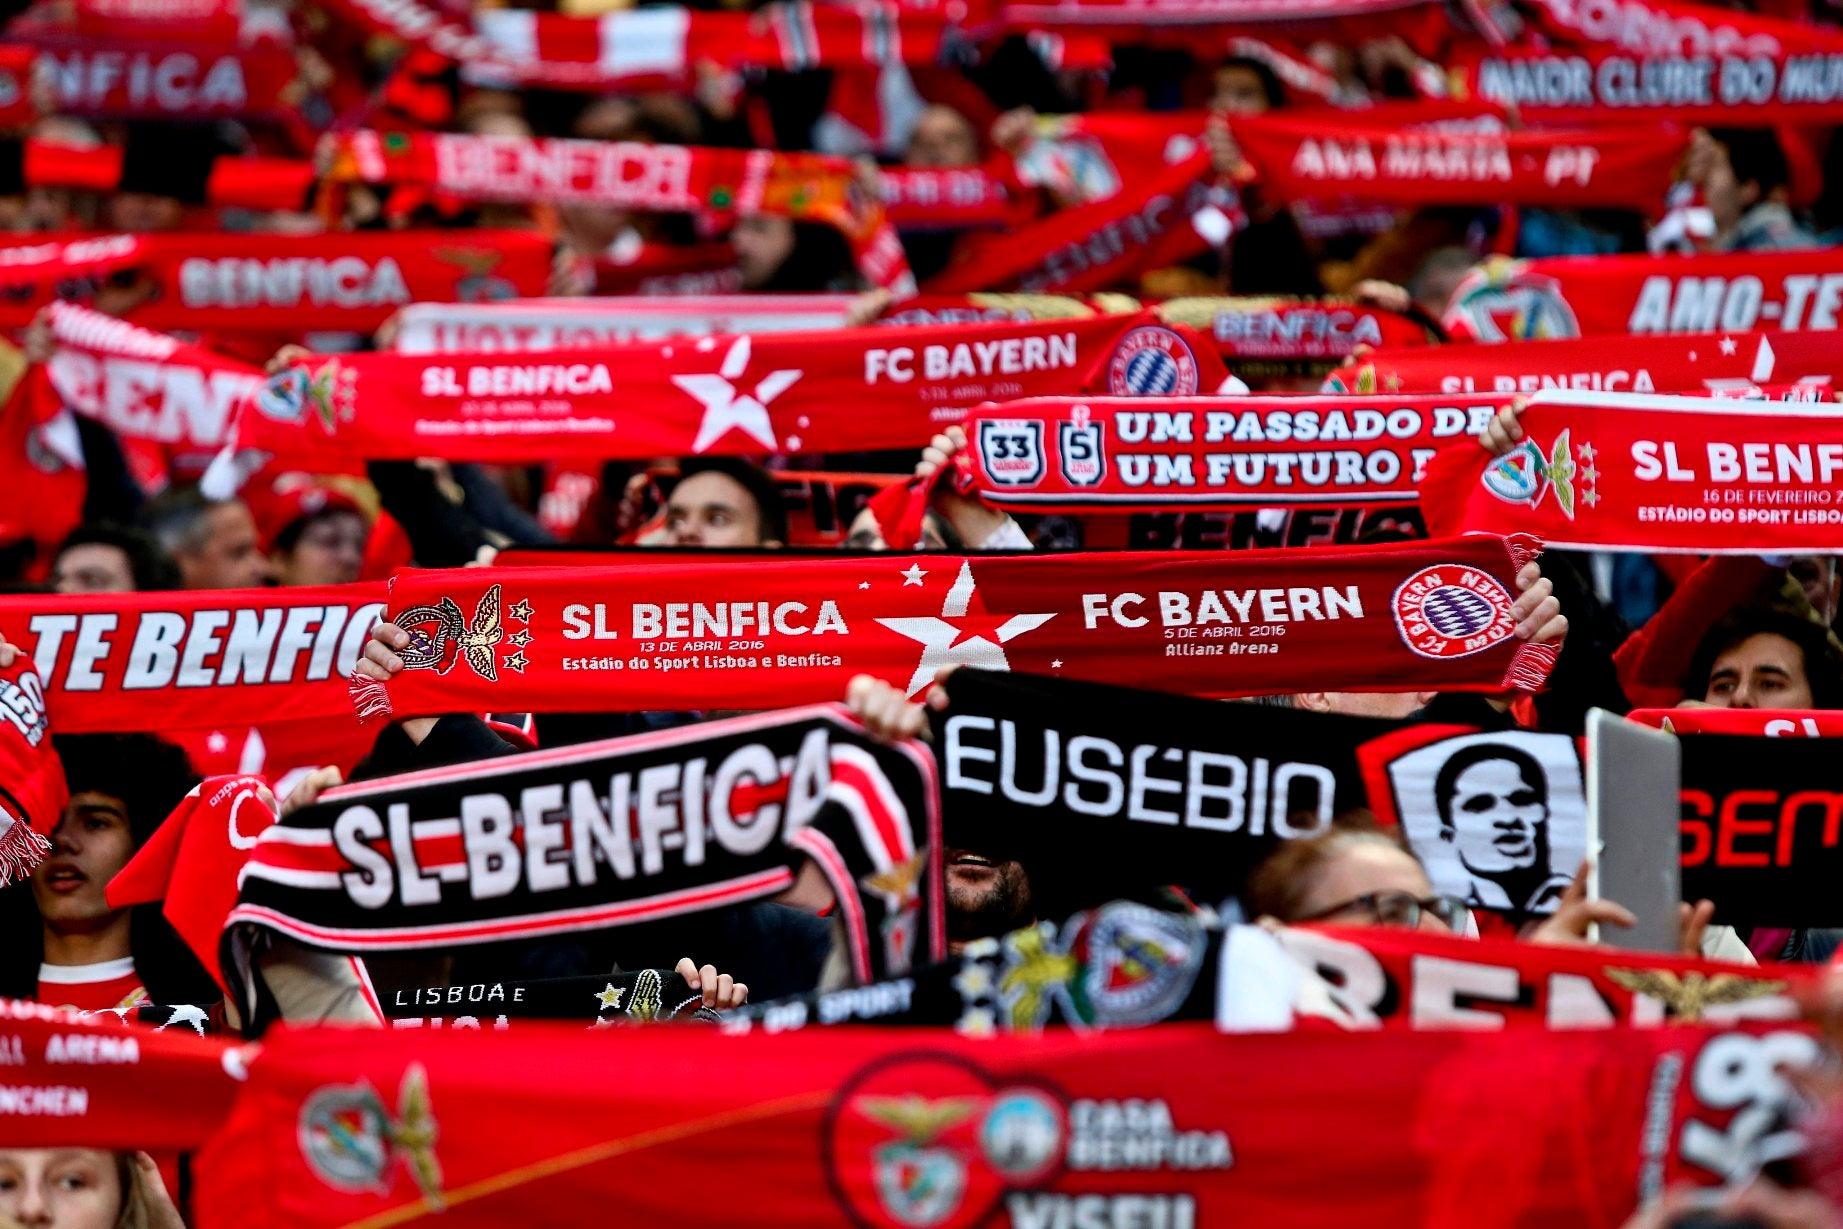 Benfica foi o campeão na Europa com mais lucro